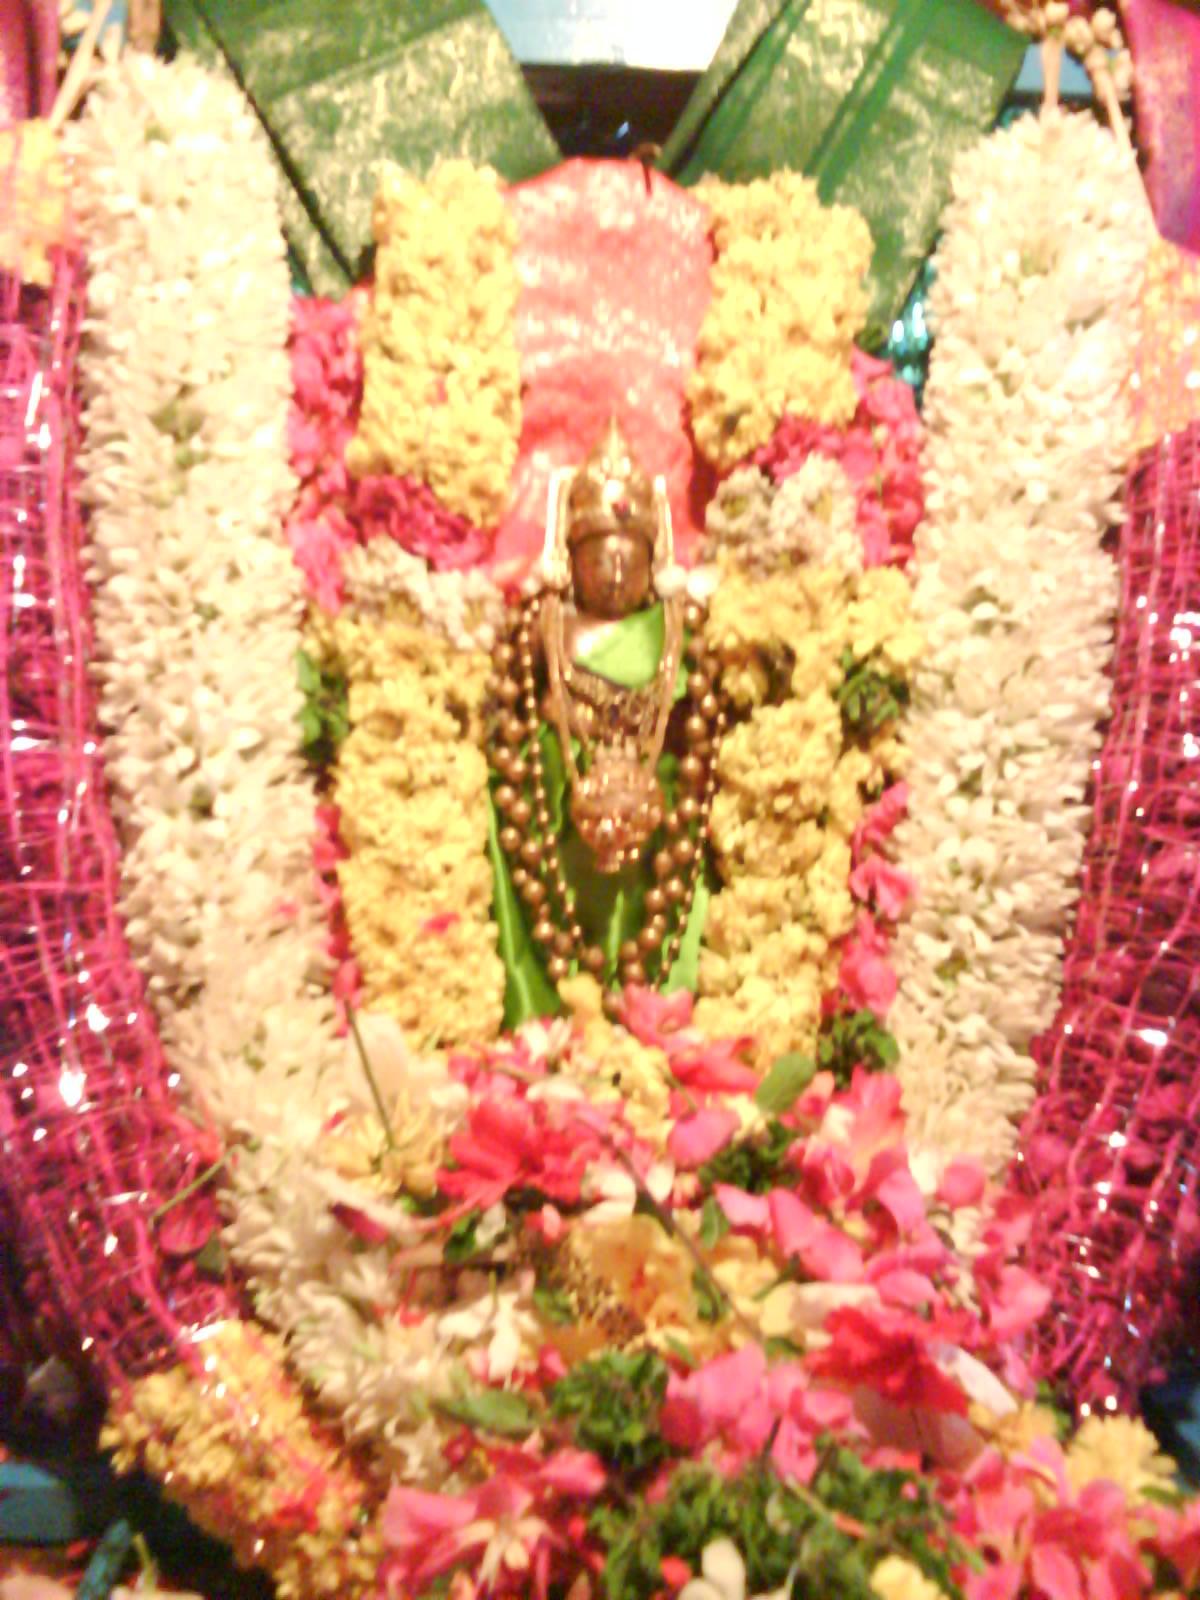 Deity at Pushpa Pallakku